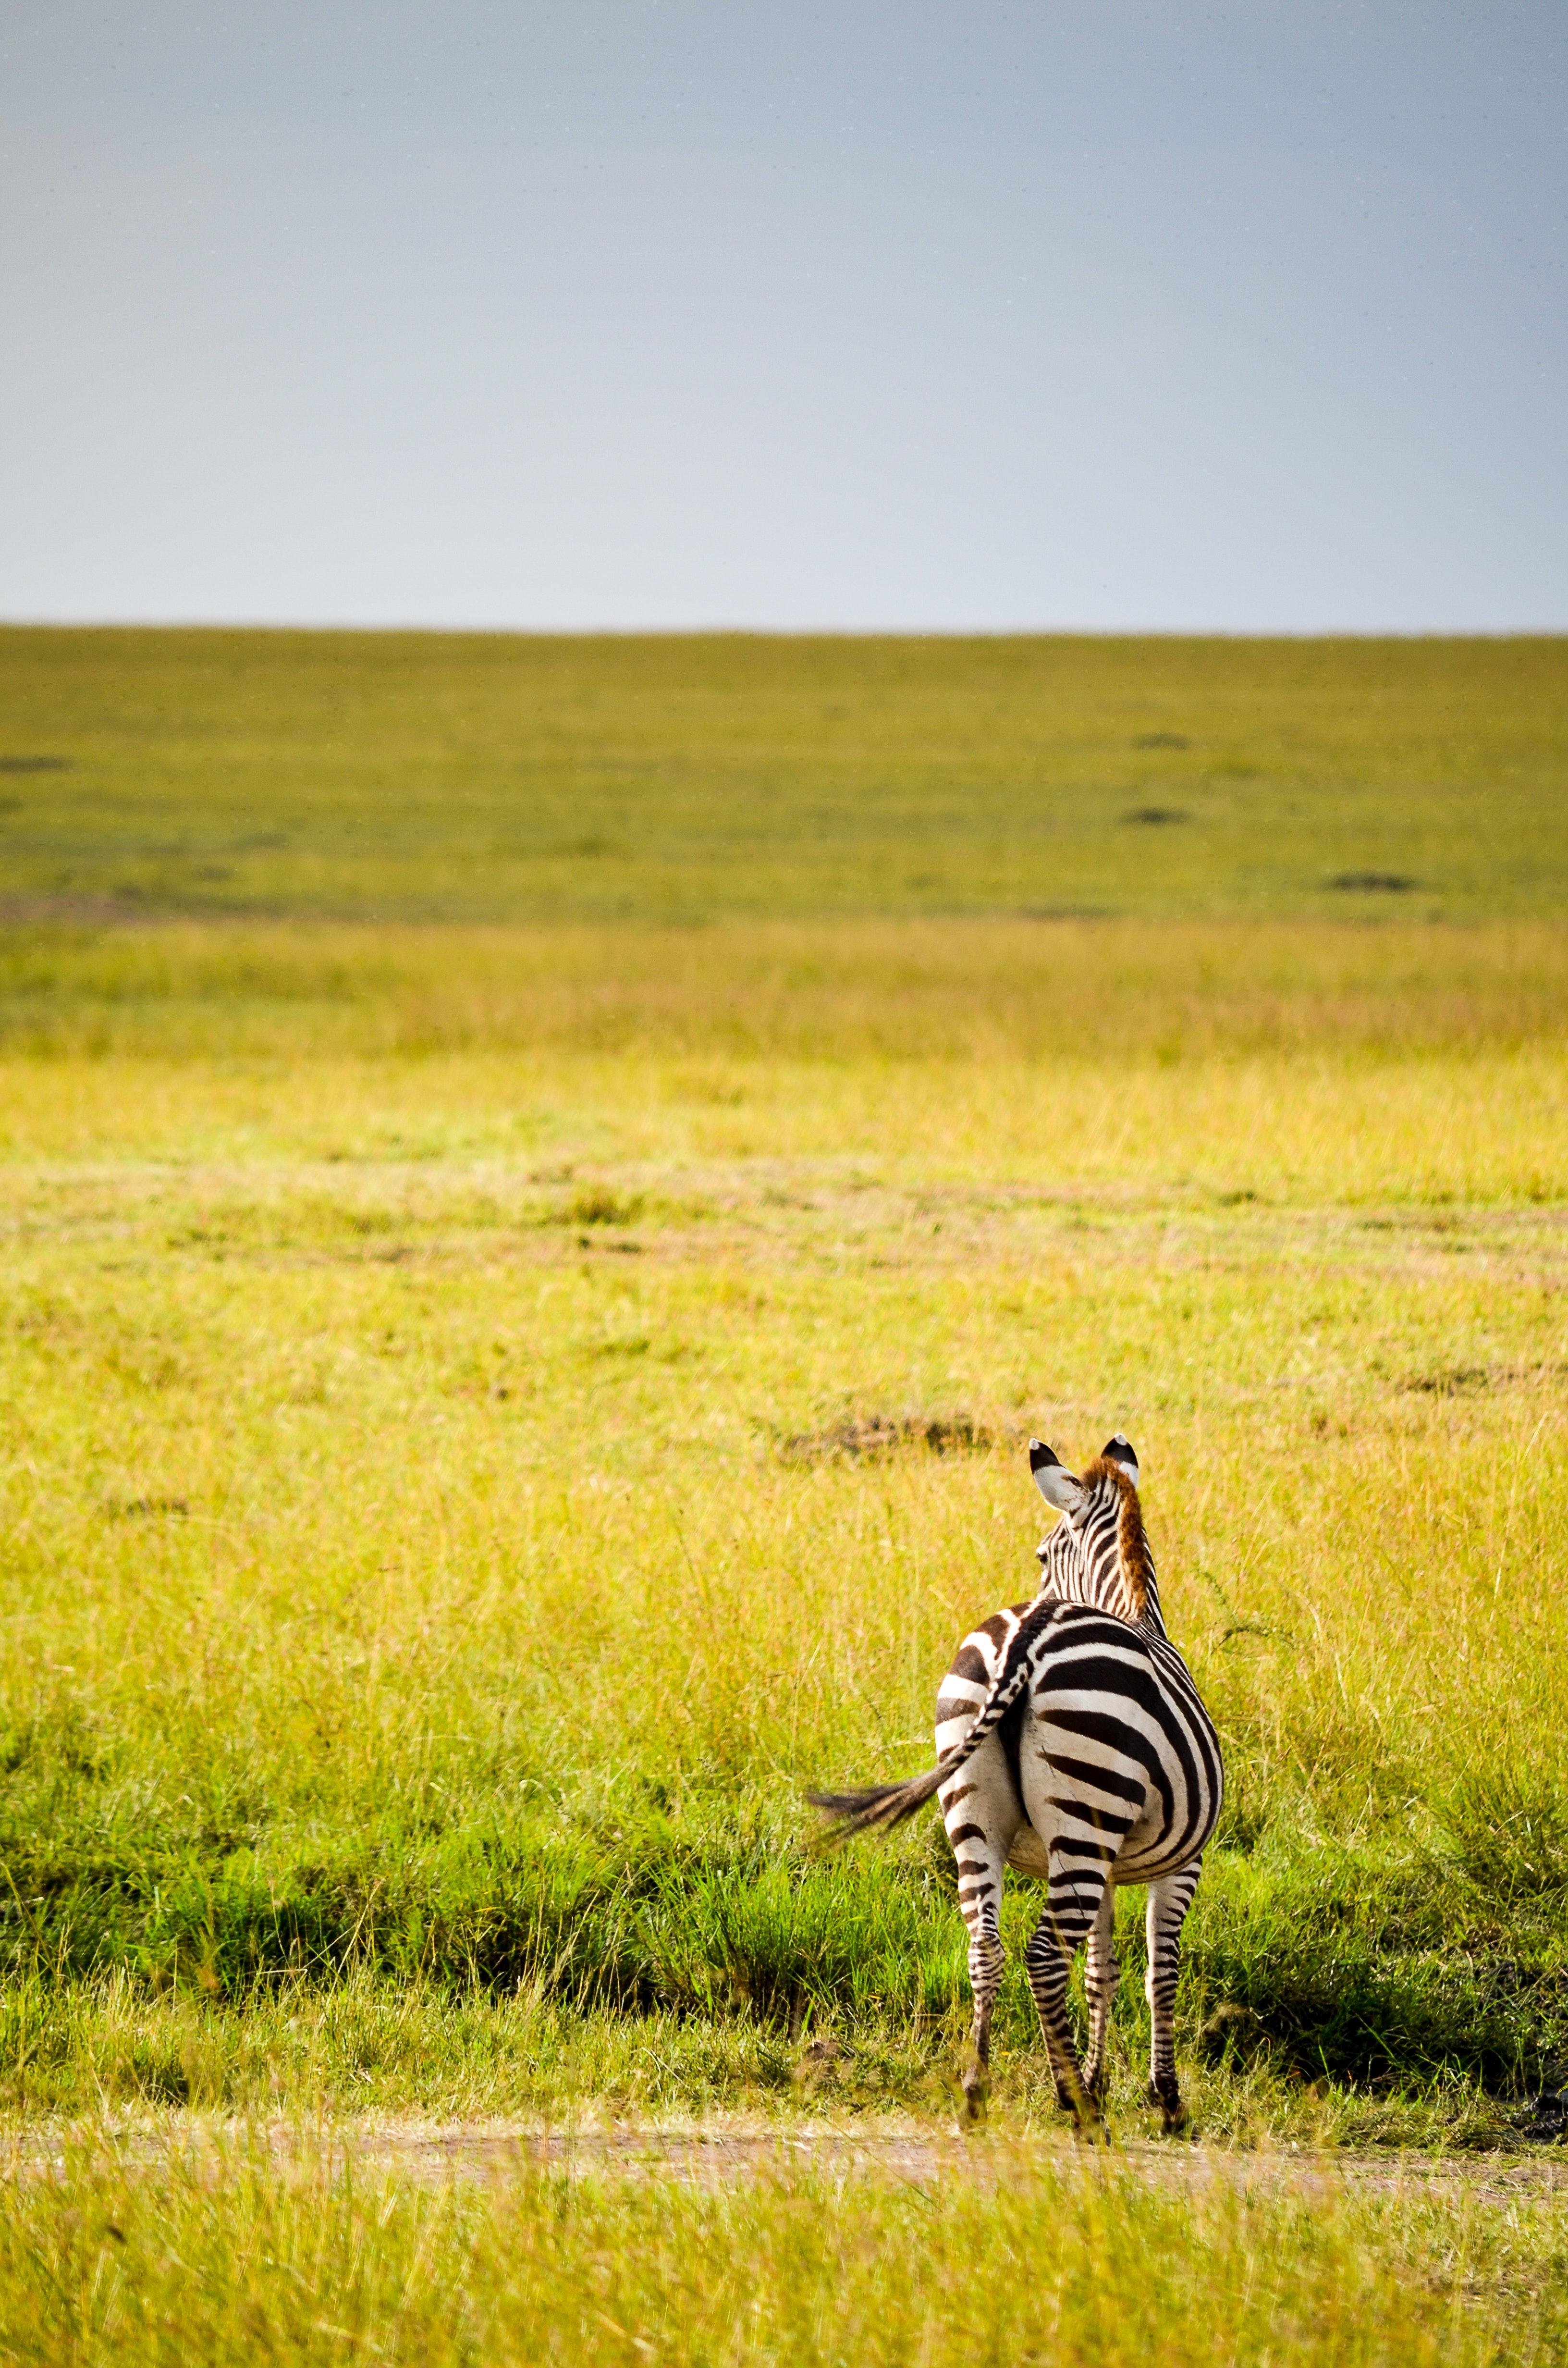 Black and white zebra on green grass photo